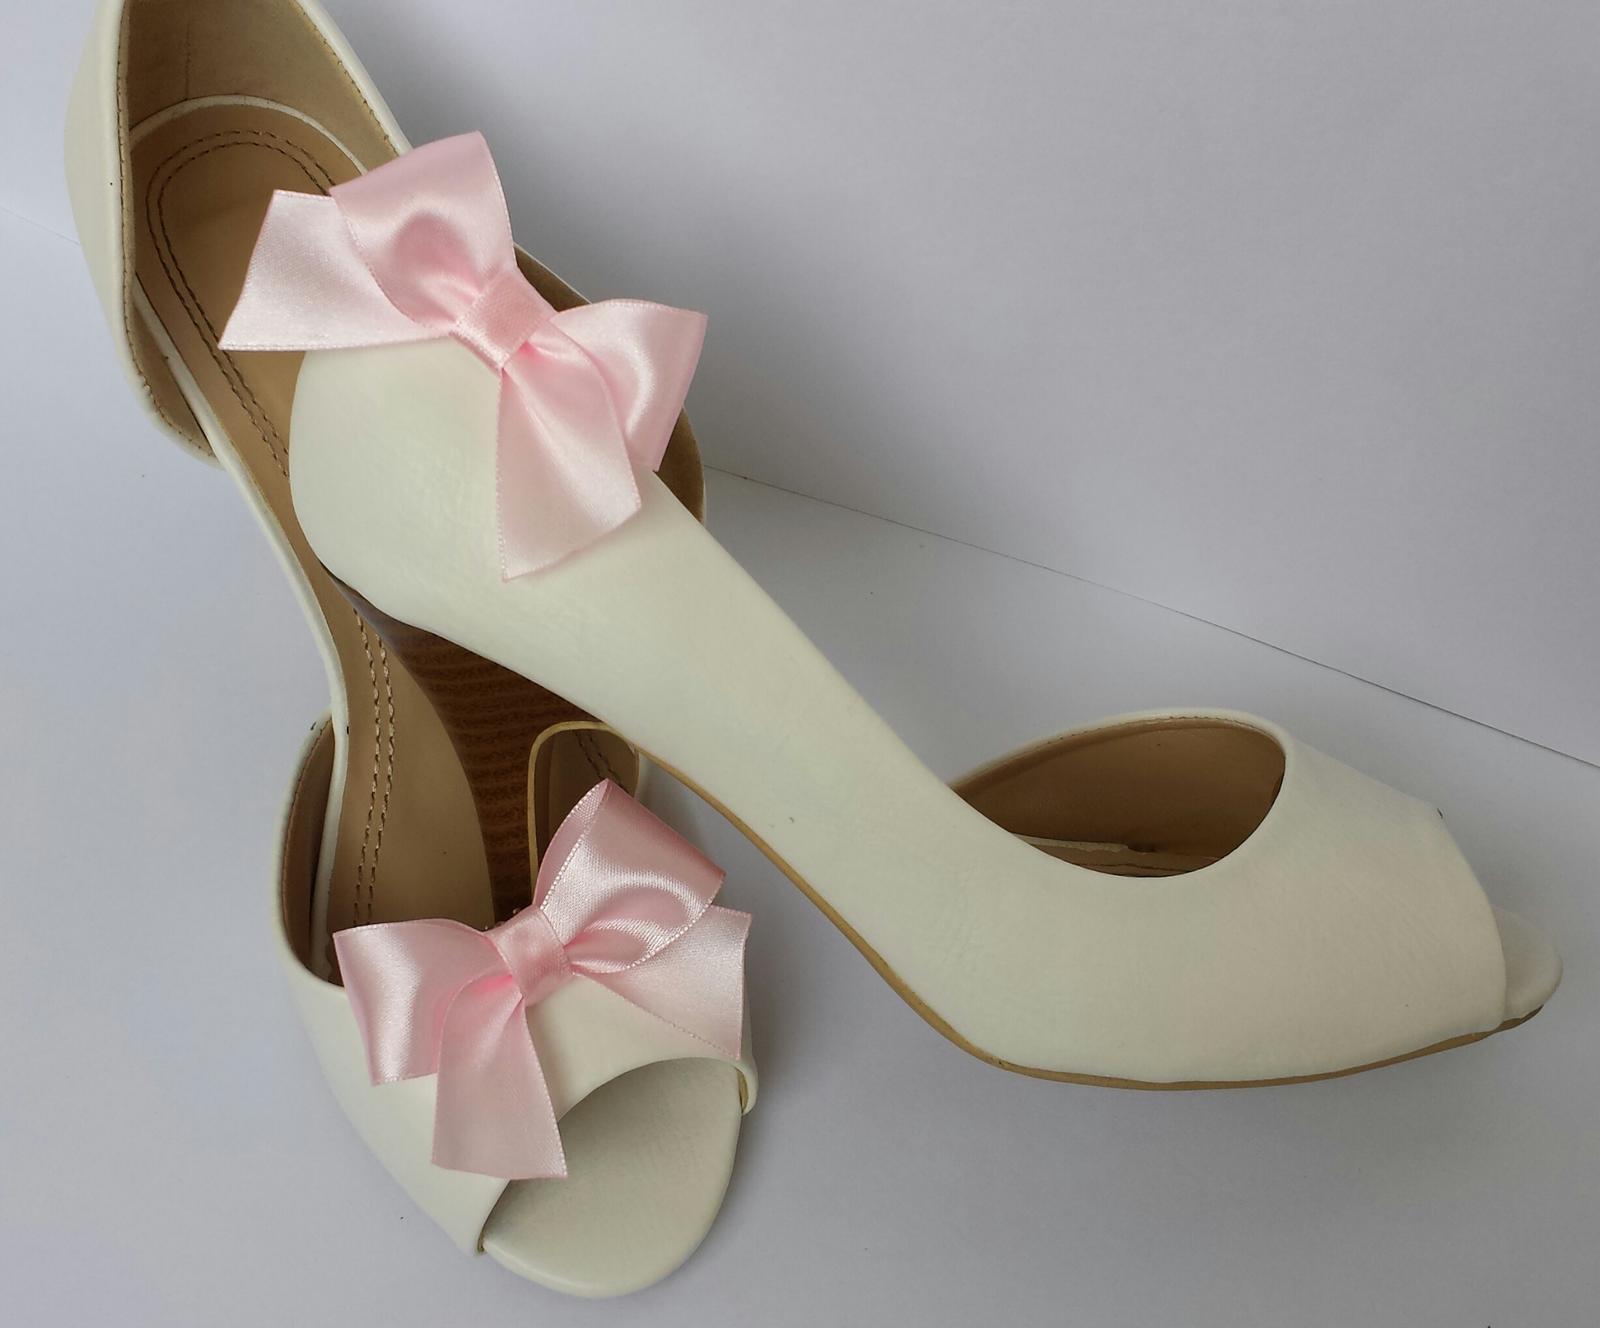 Klipy na boty barva a tvar dle přání - Obrázek č. 27